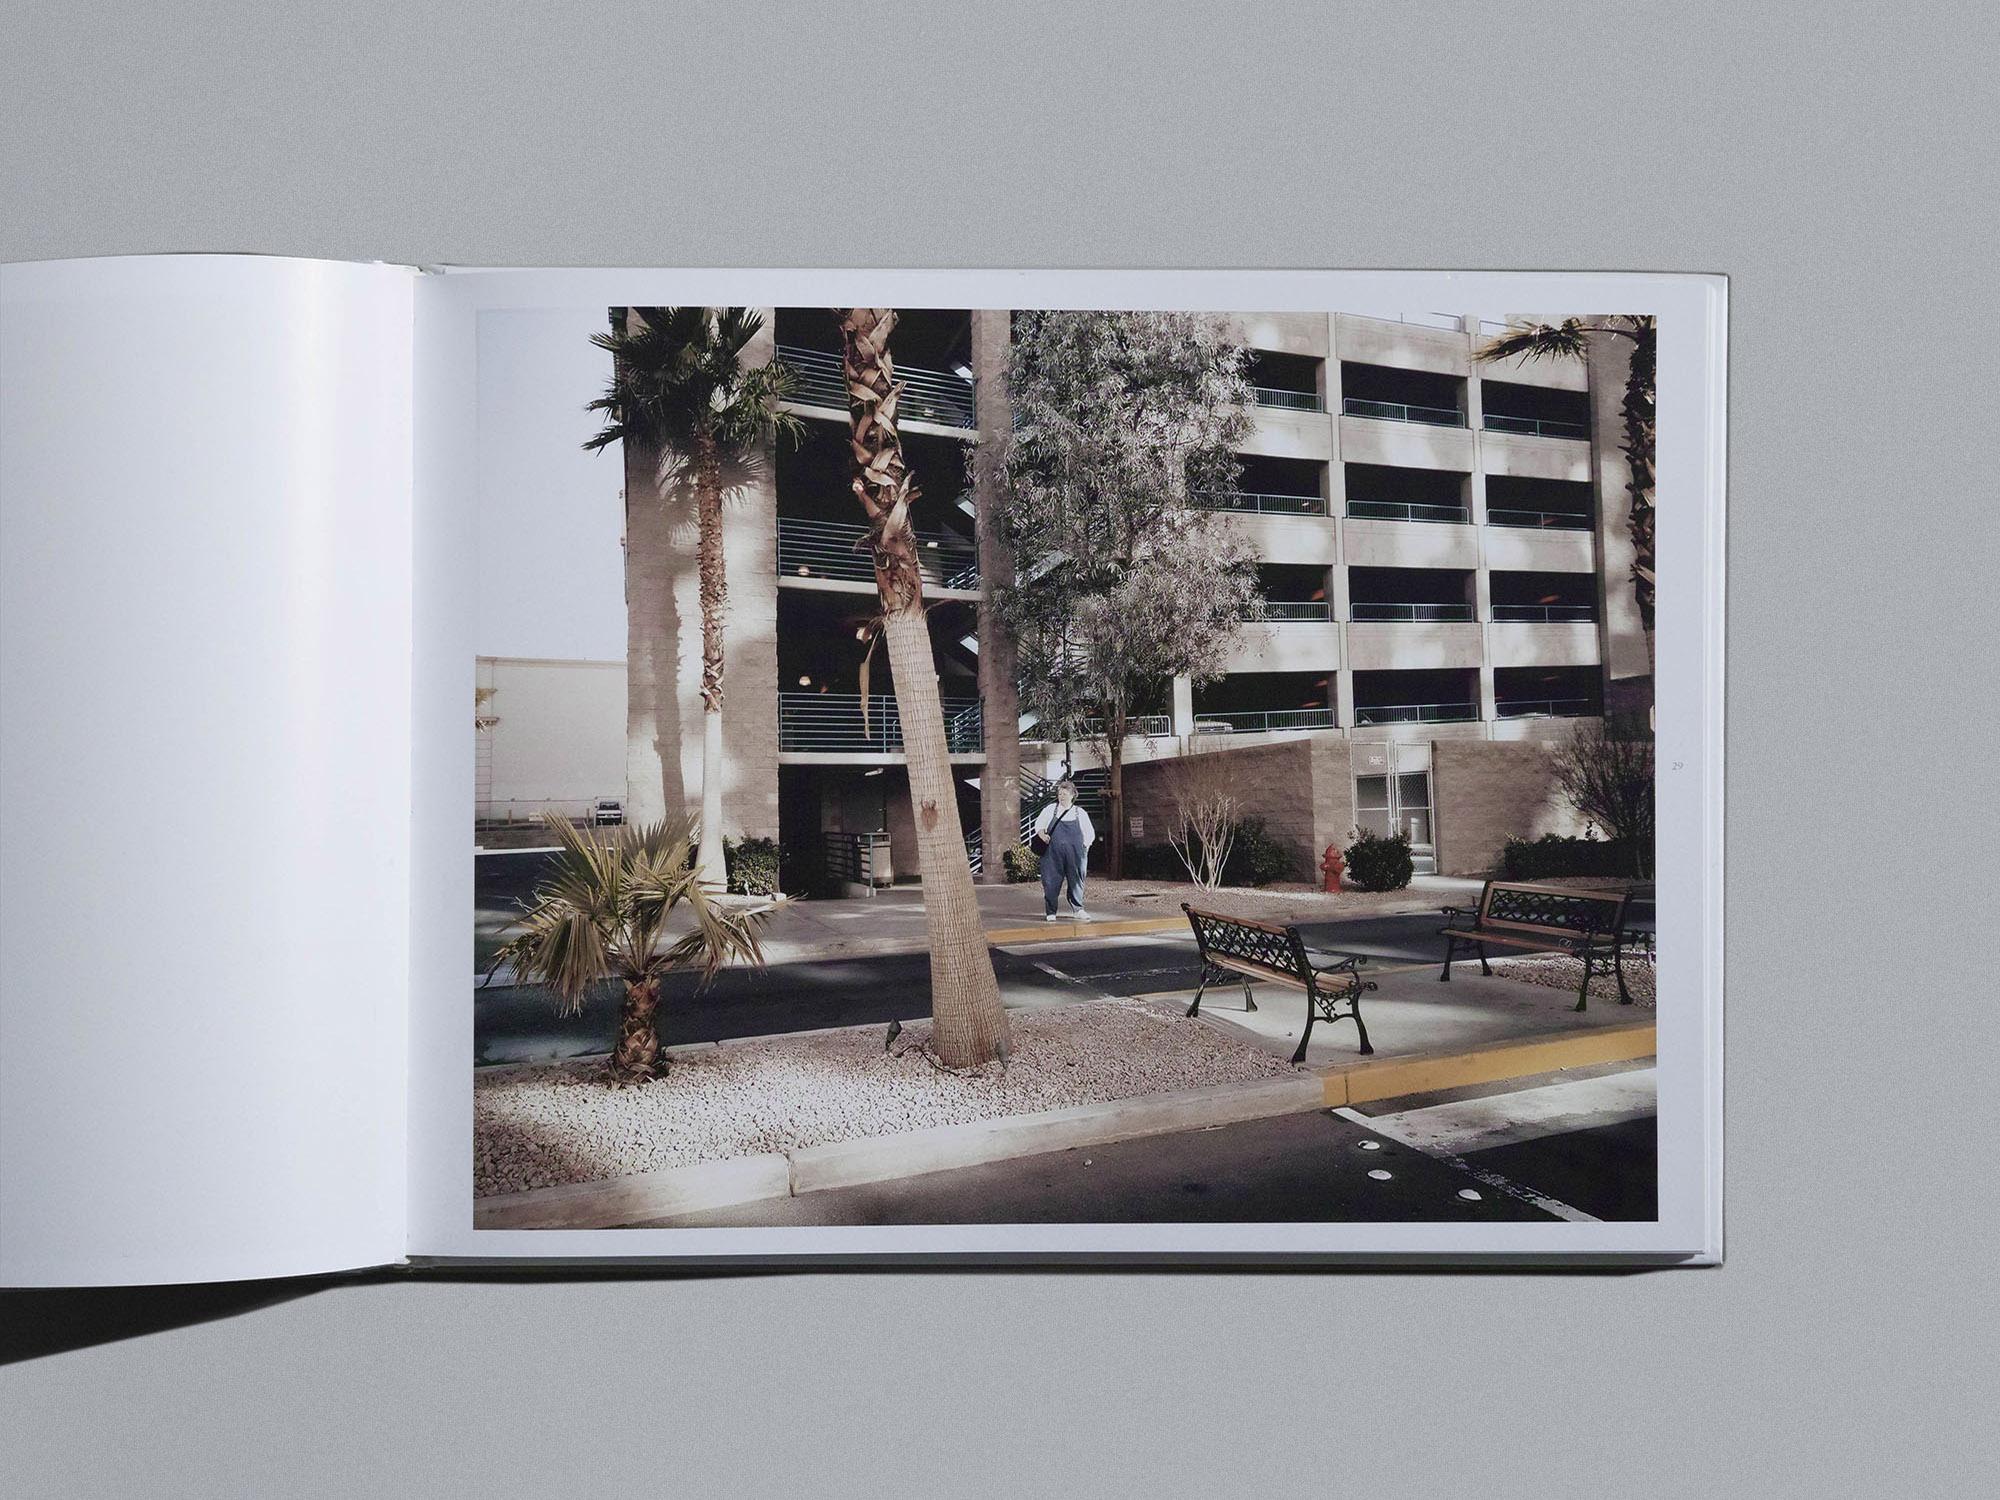 Las Vegas - 2004